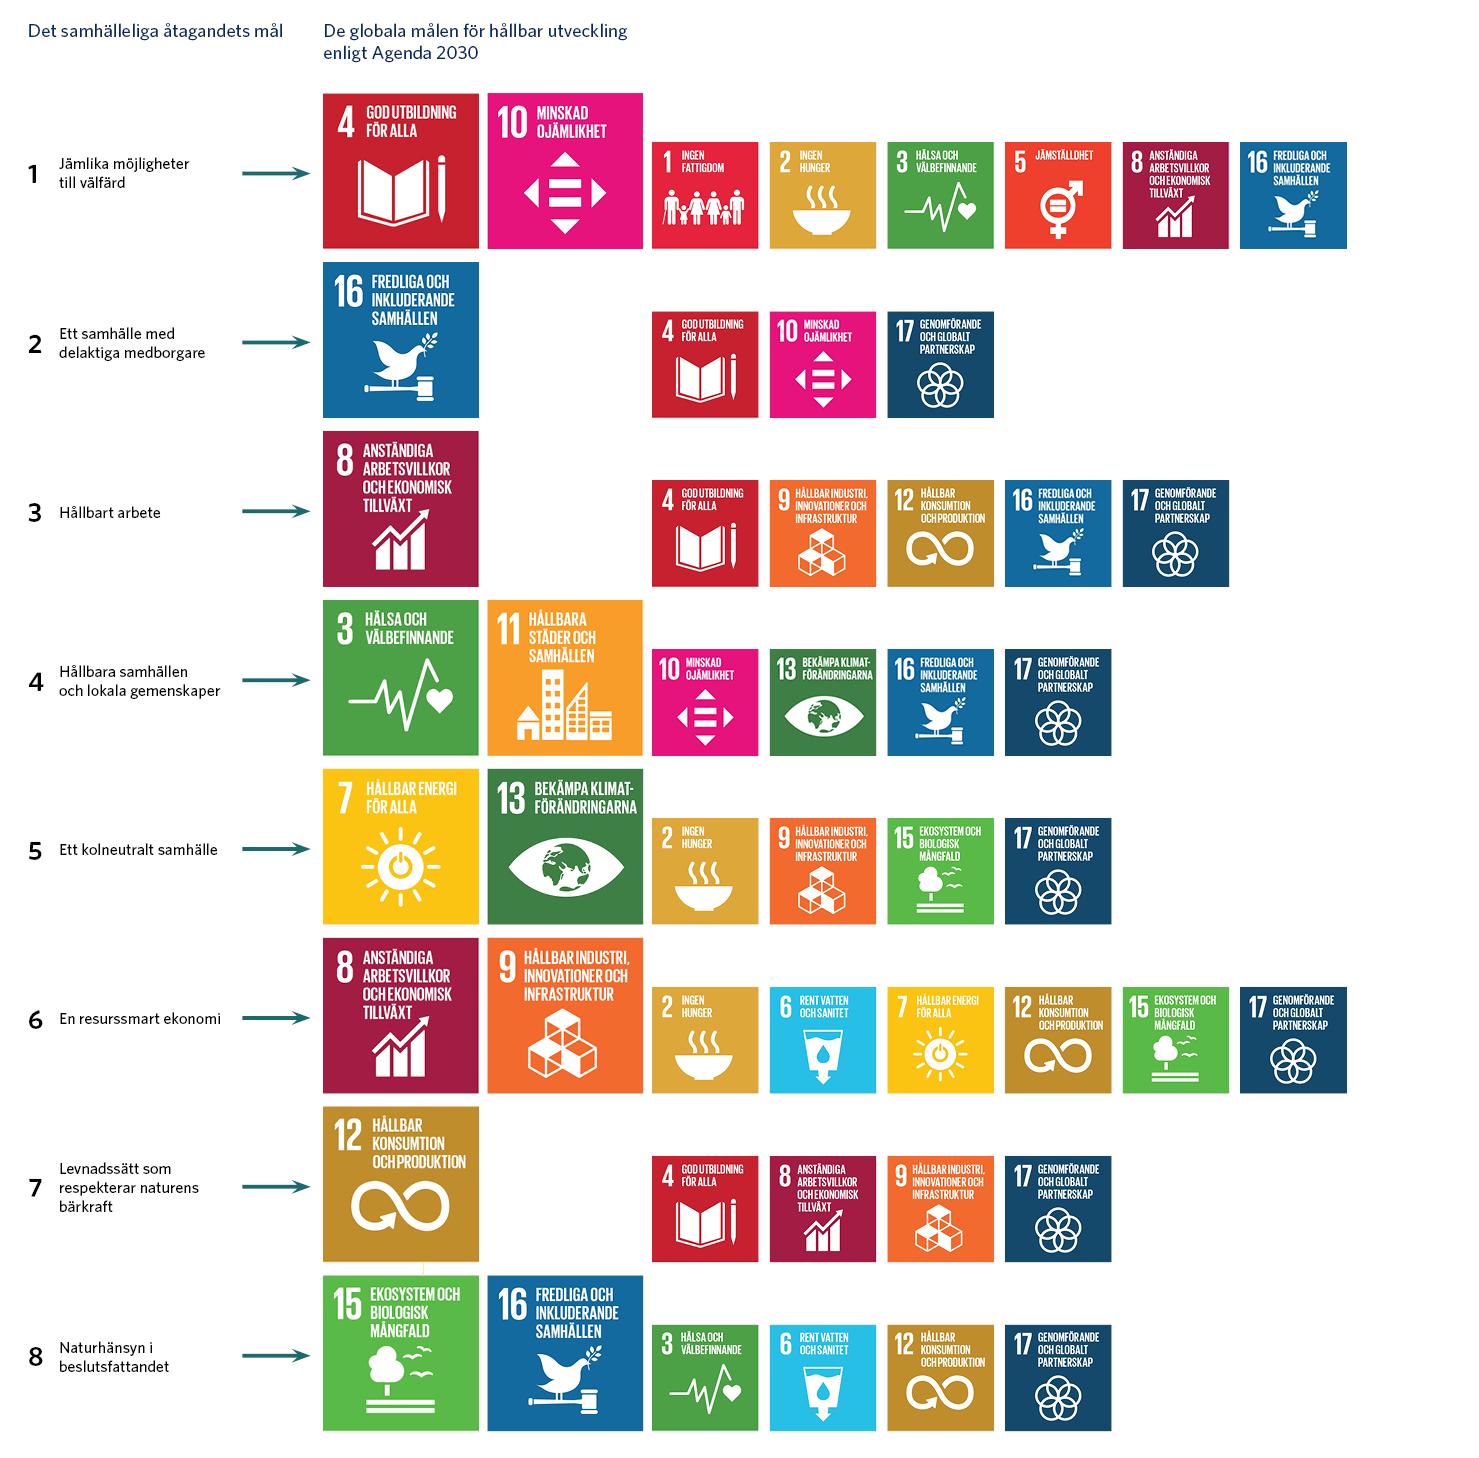 Målen i Finlands samhälleliga åtagande omfattar på det stora hela huvudmålen i Agenda 2030. Målen i åtagandet är jämlika möjligheter till välfärd, ett samhälle med delaktiga medborgare, hållbart arbete, hållbara samhällen och lokala gemenskaper, ett kolneutralt samhälle, en resurssmart ekonomi, levnadssätt som respekterar naturens bärkraft och naturhänsyn i beslutsfattandet.